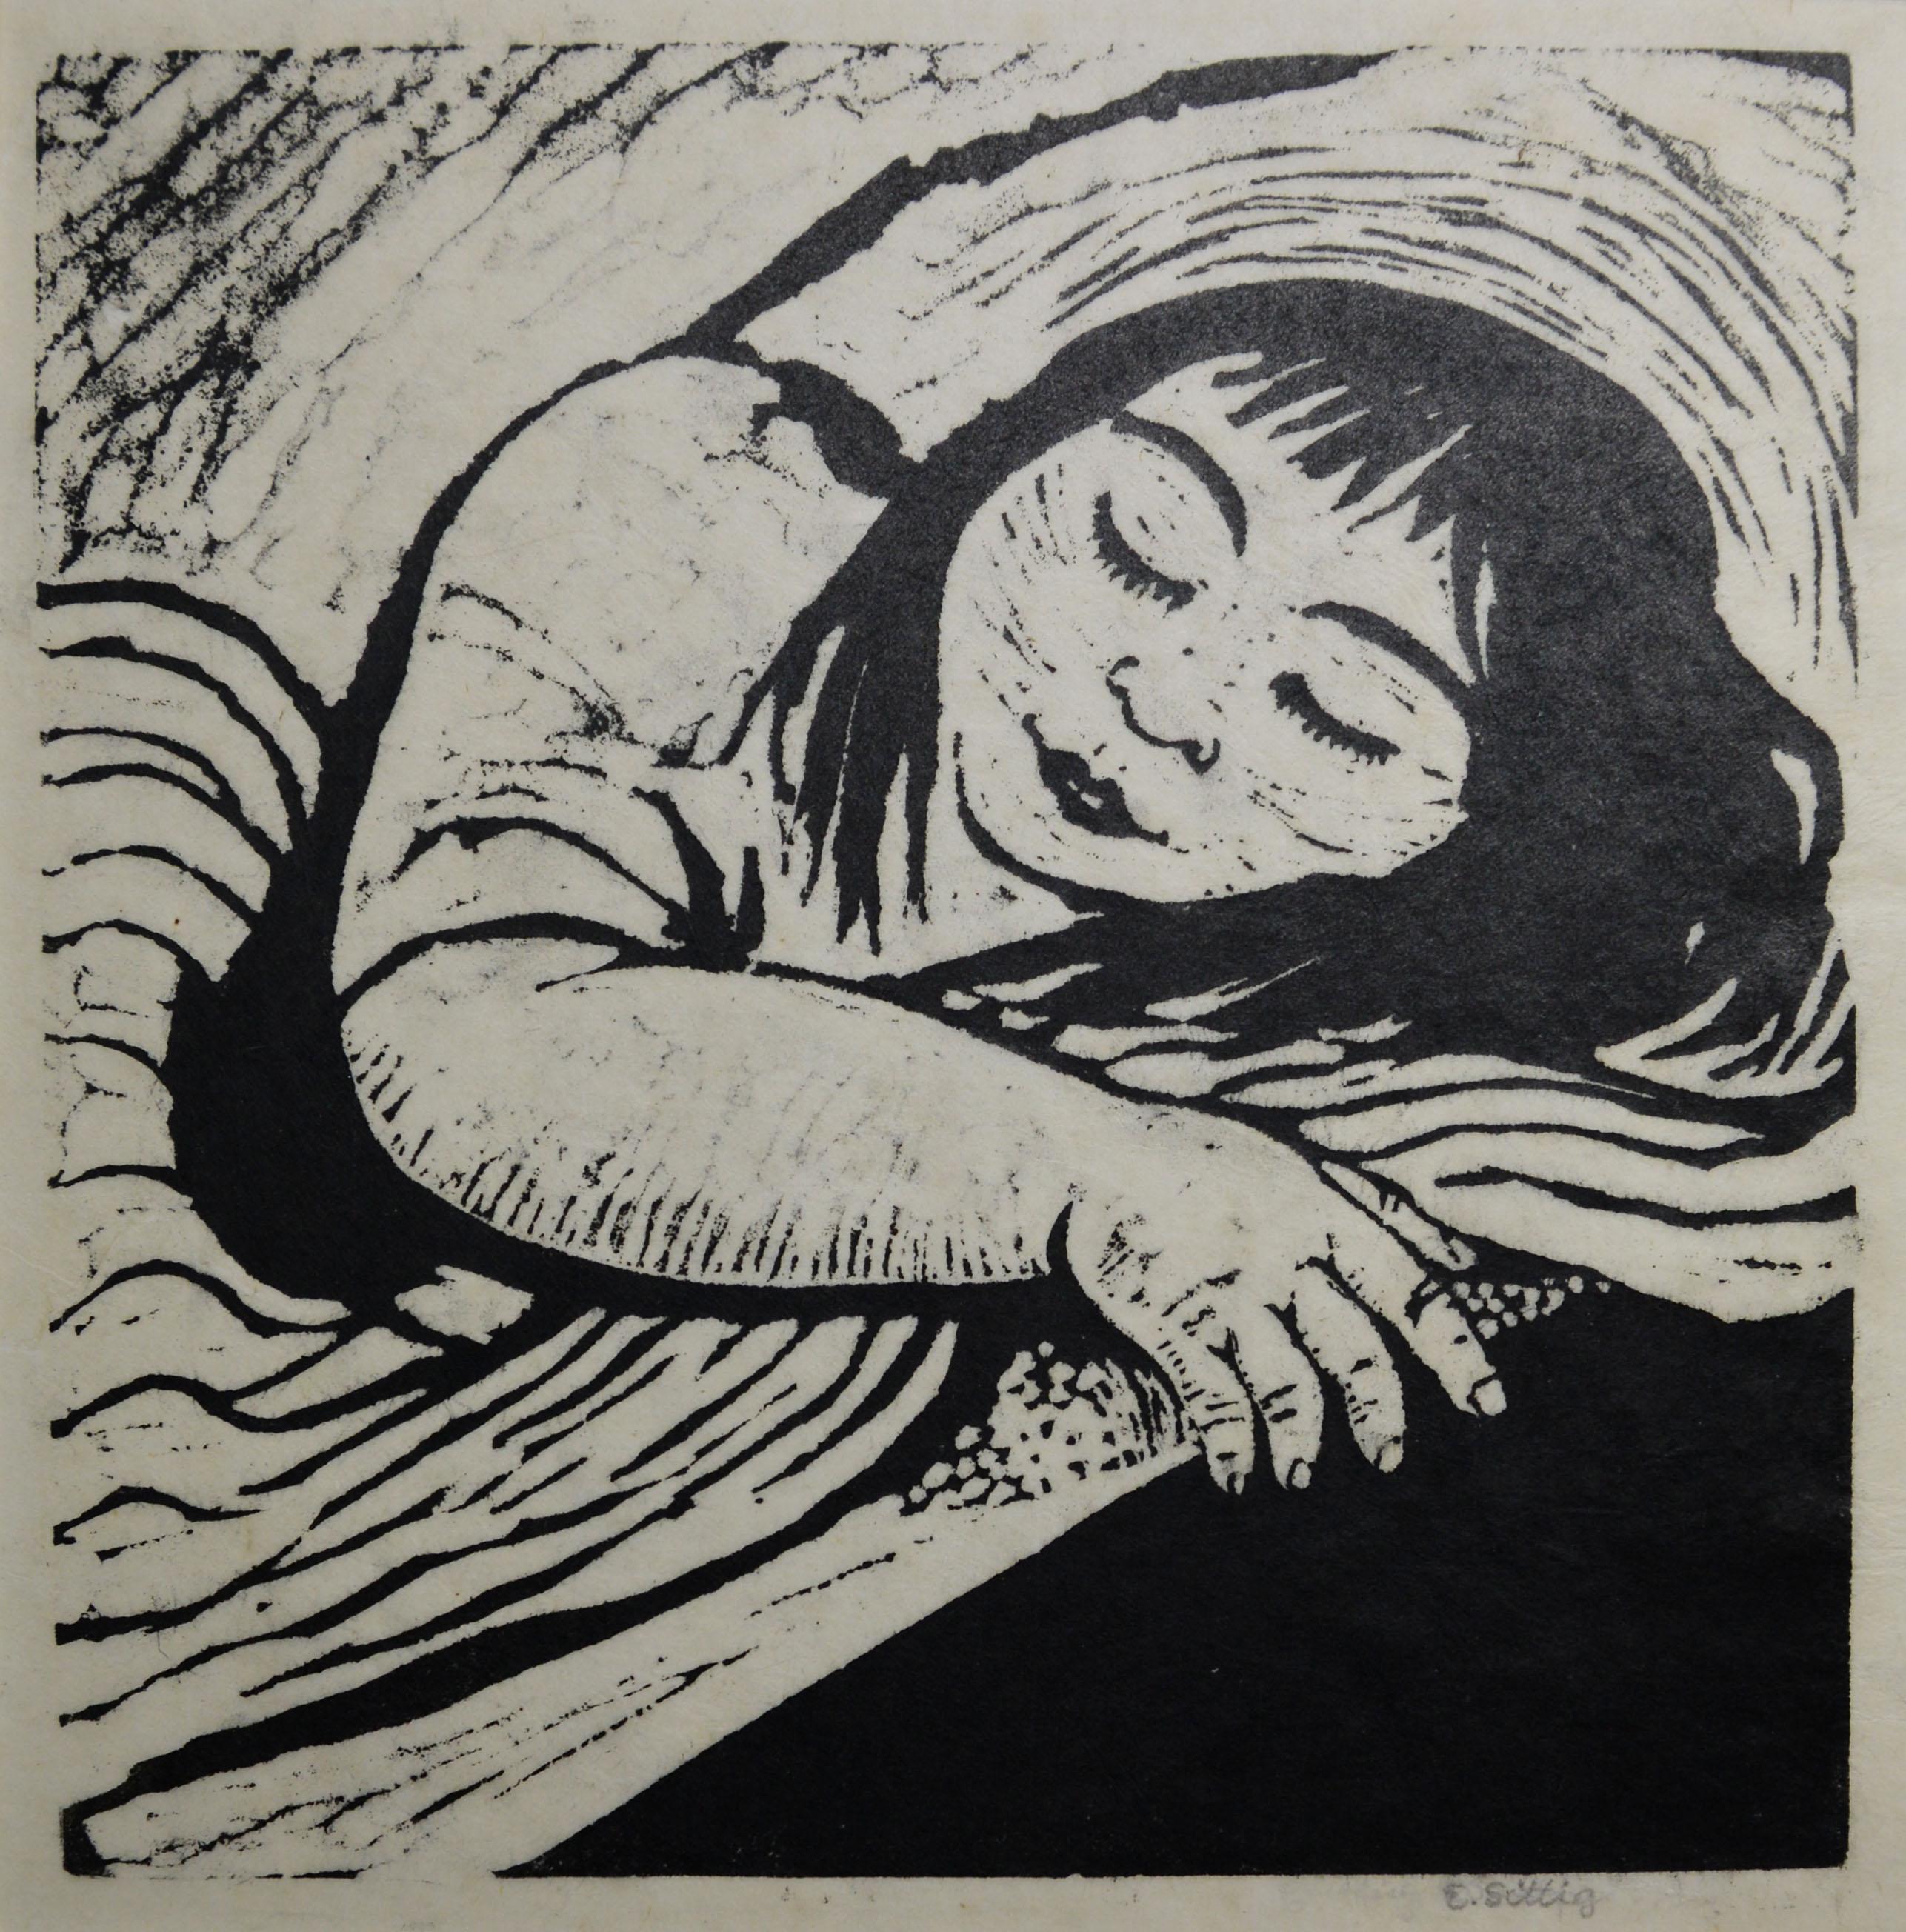 Schlafendes Zigeunerle o. J. (1920er-Jahre)  Linolschnitt 24,2 x 24,0 cm